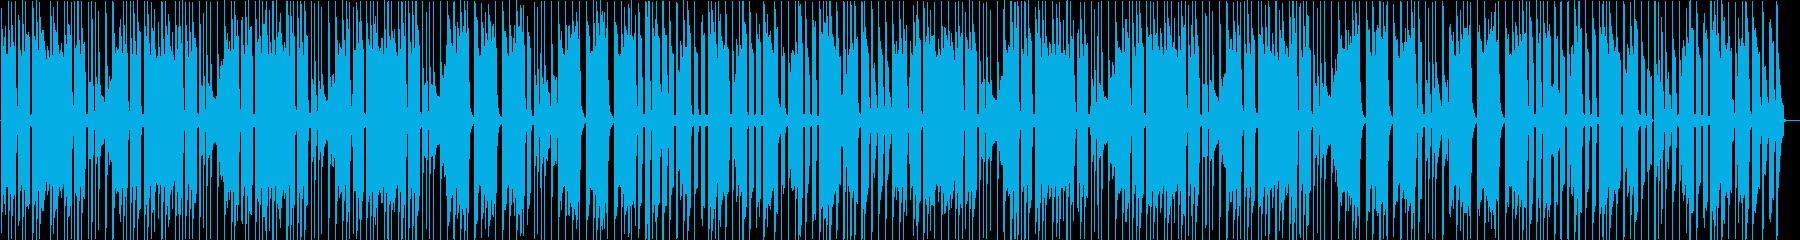 あたふたとしたBGMの再生済みの波形